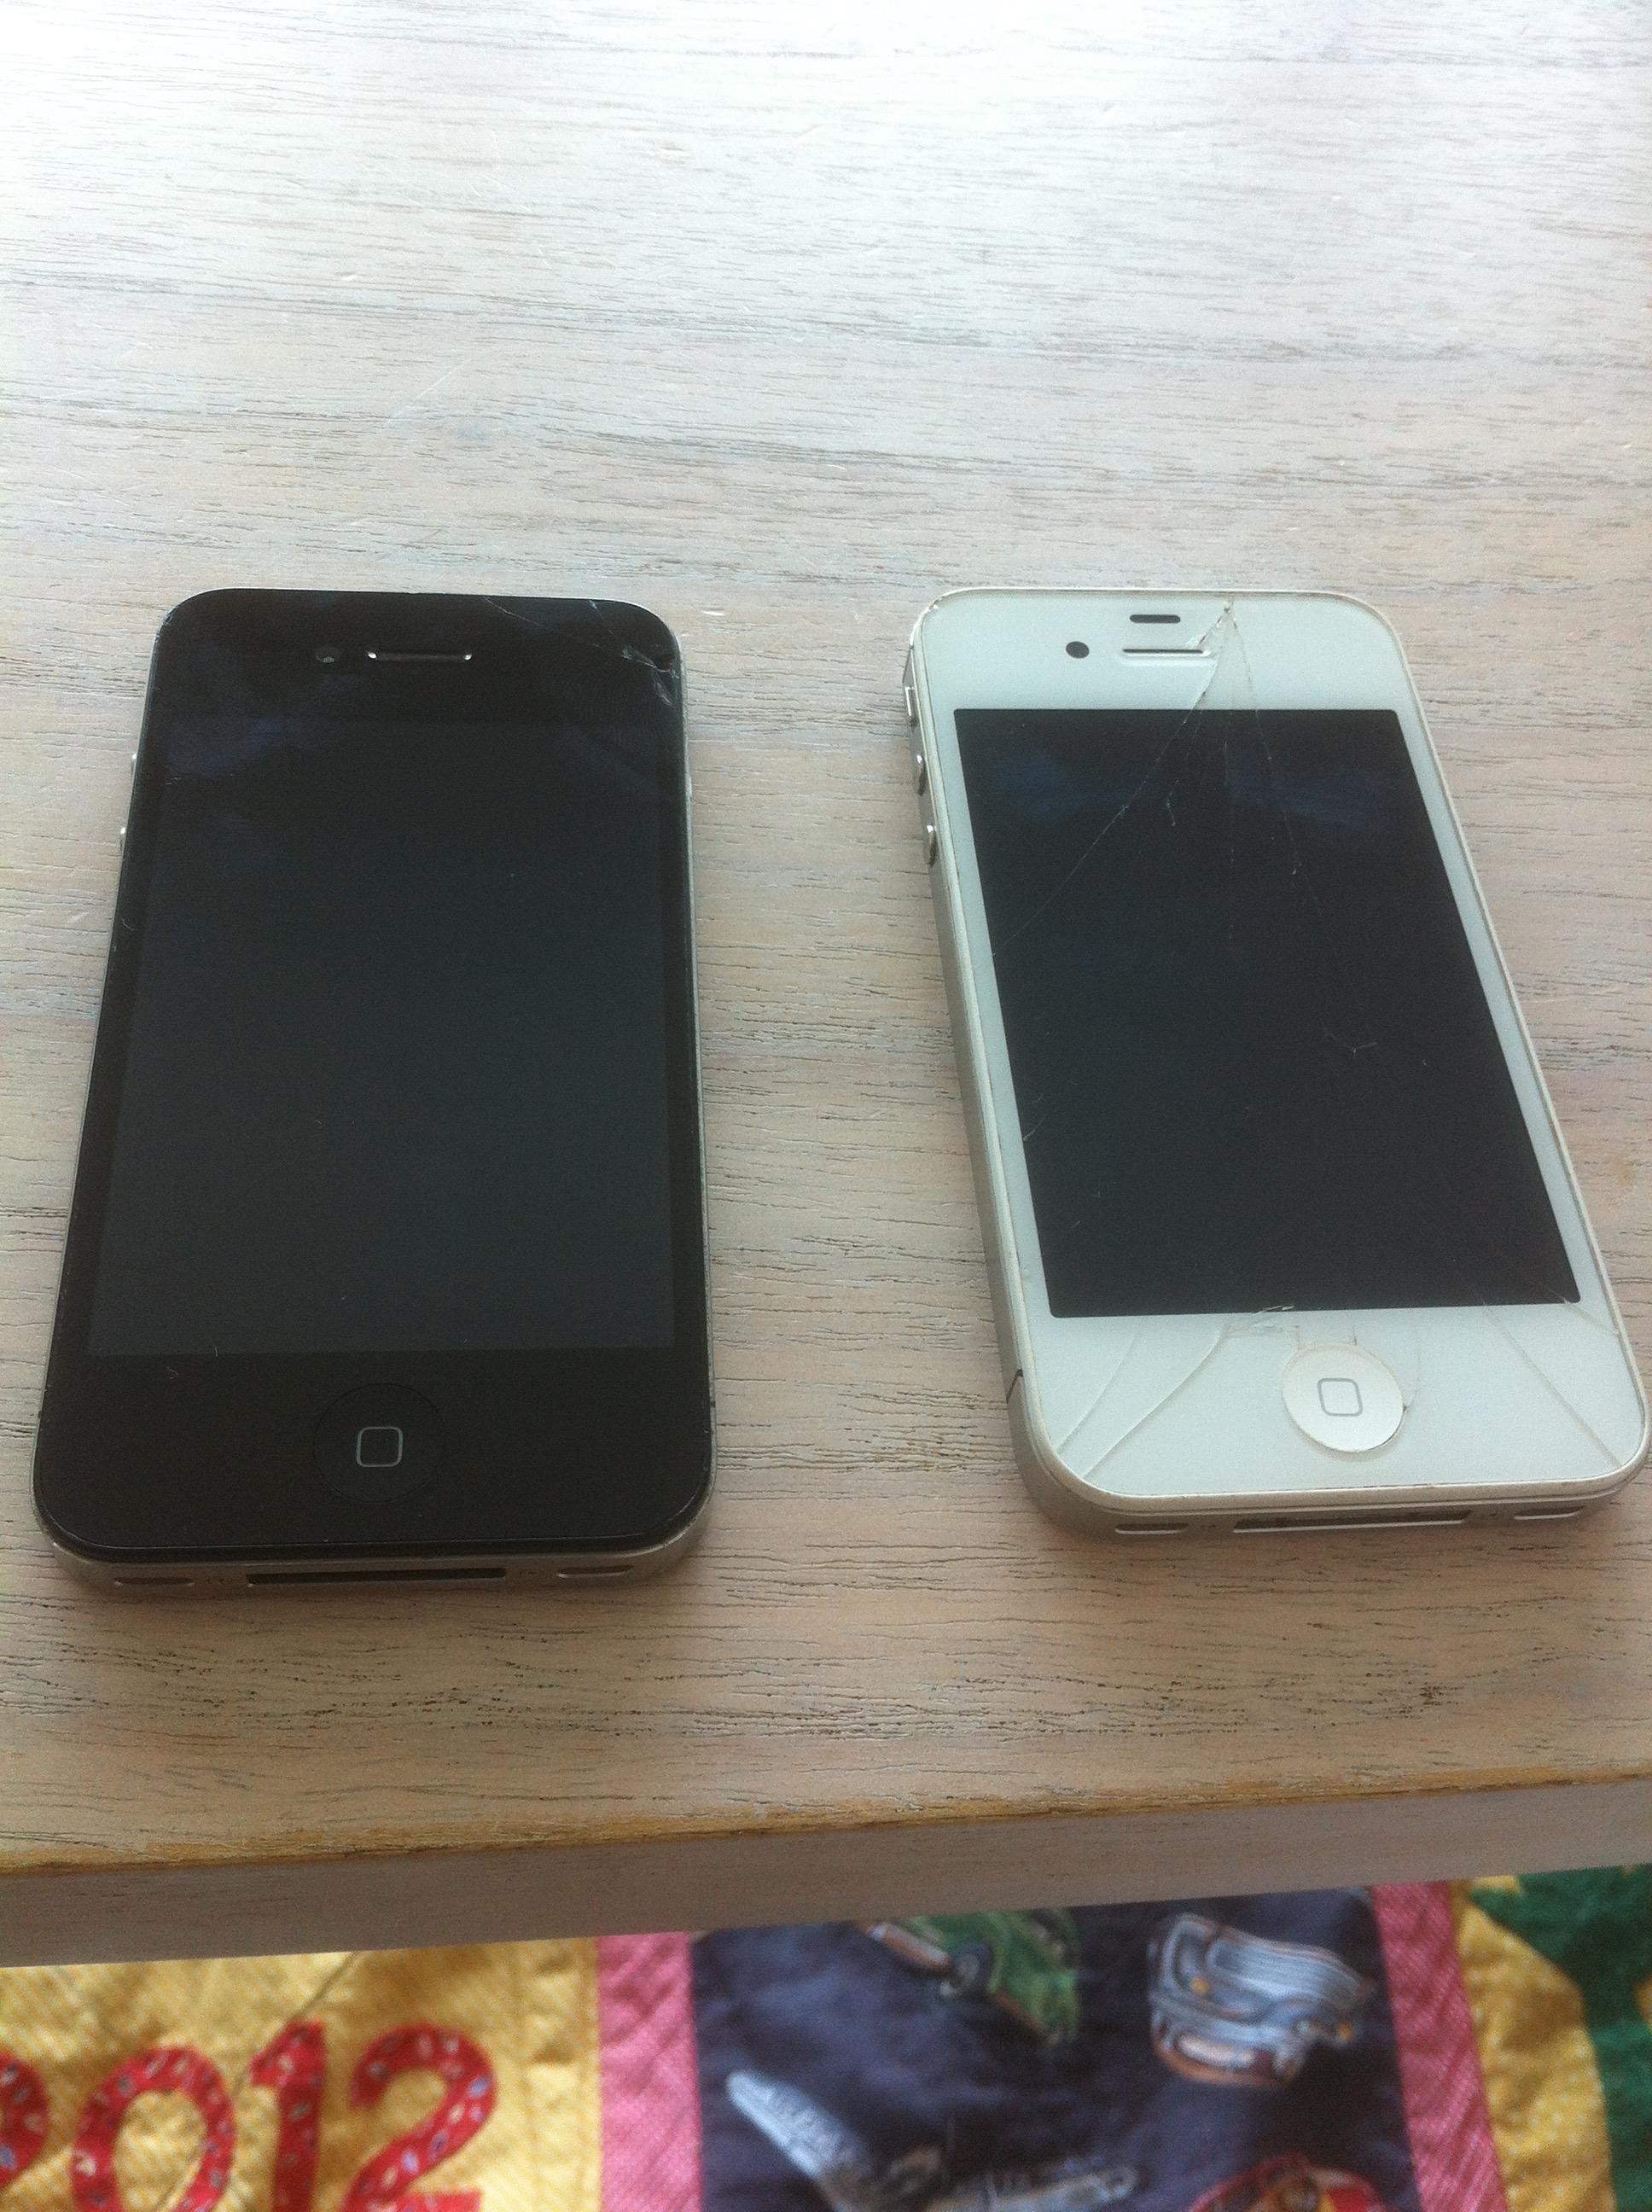 Cracked iPhone 4S Repair